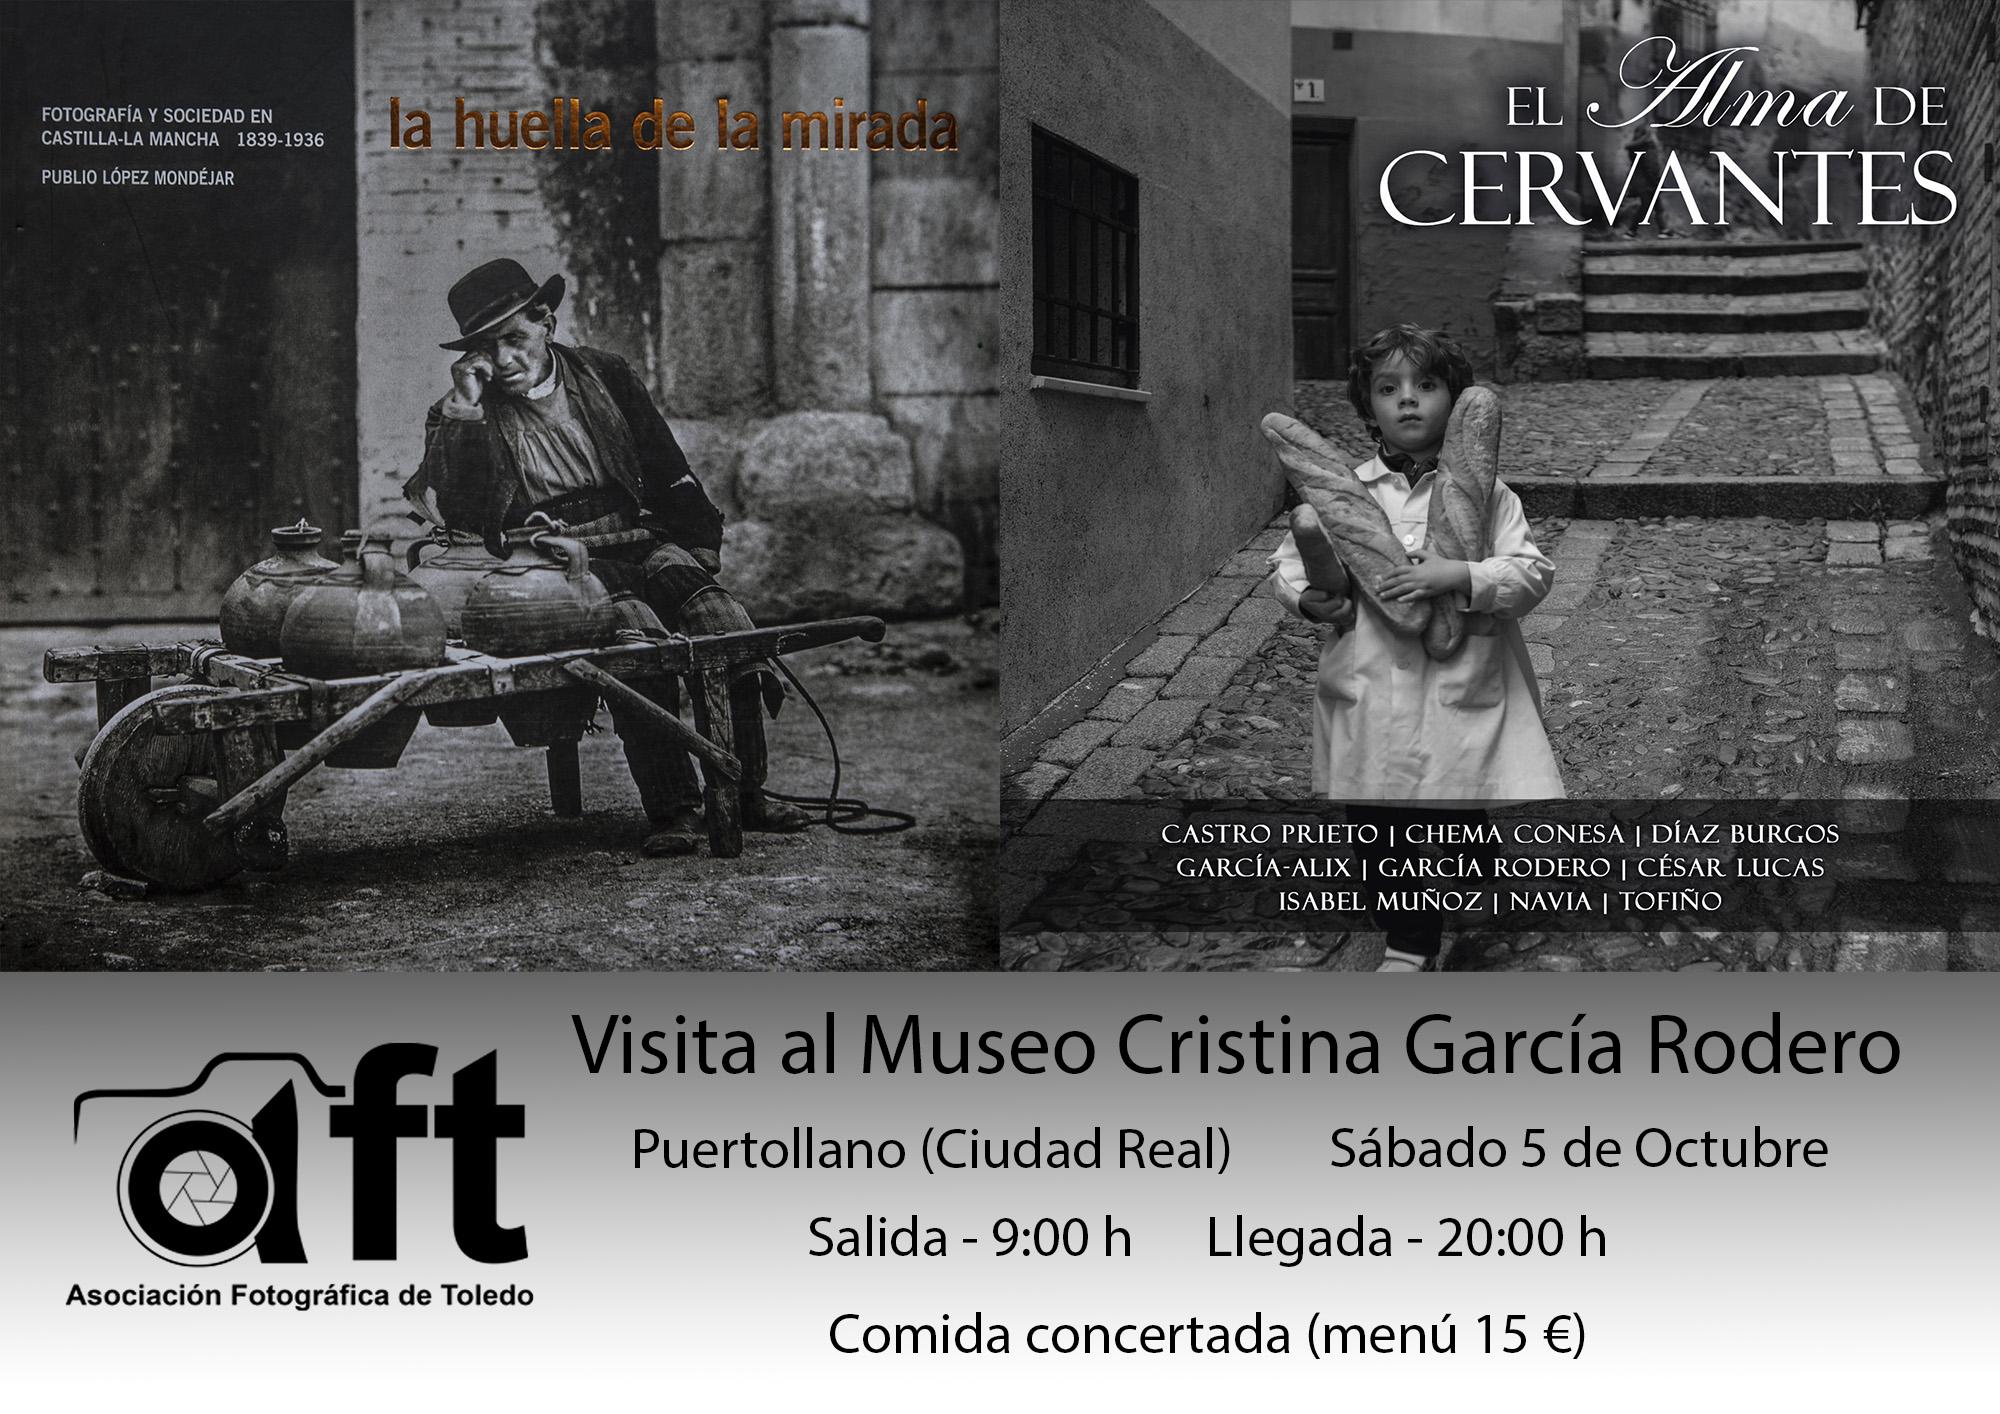 VISITA AL MUSEO DE CRISTINA GARCÍA RODERO